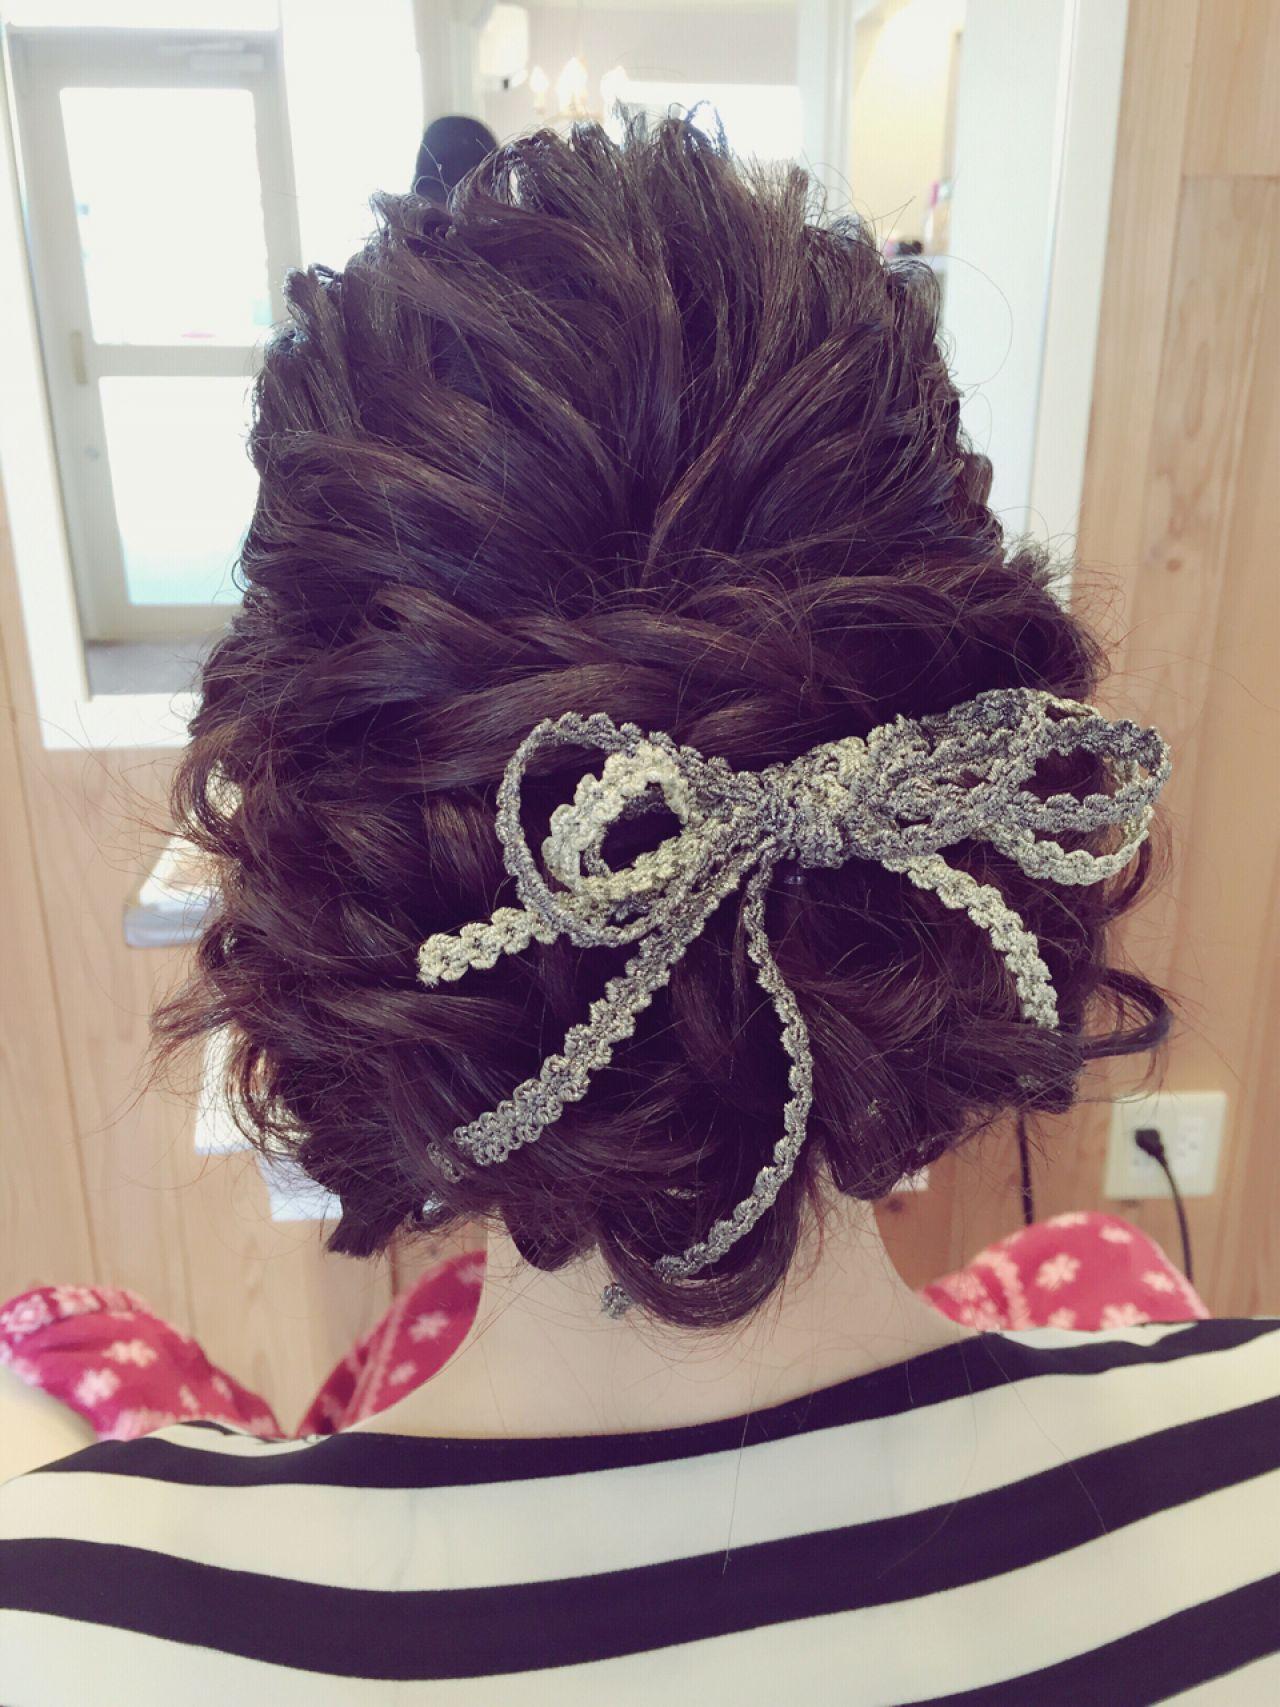 モテ髪 セミロング ヘアアレンジ 結婚式 ヘアスタイルや髪型の写真・画像